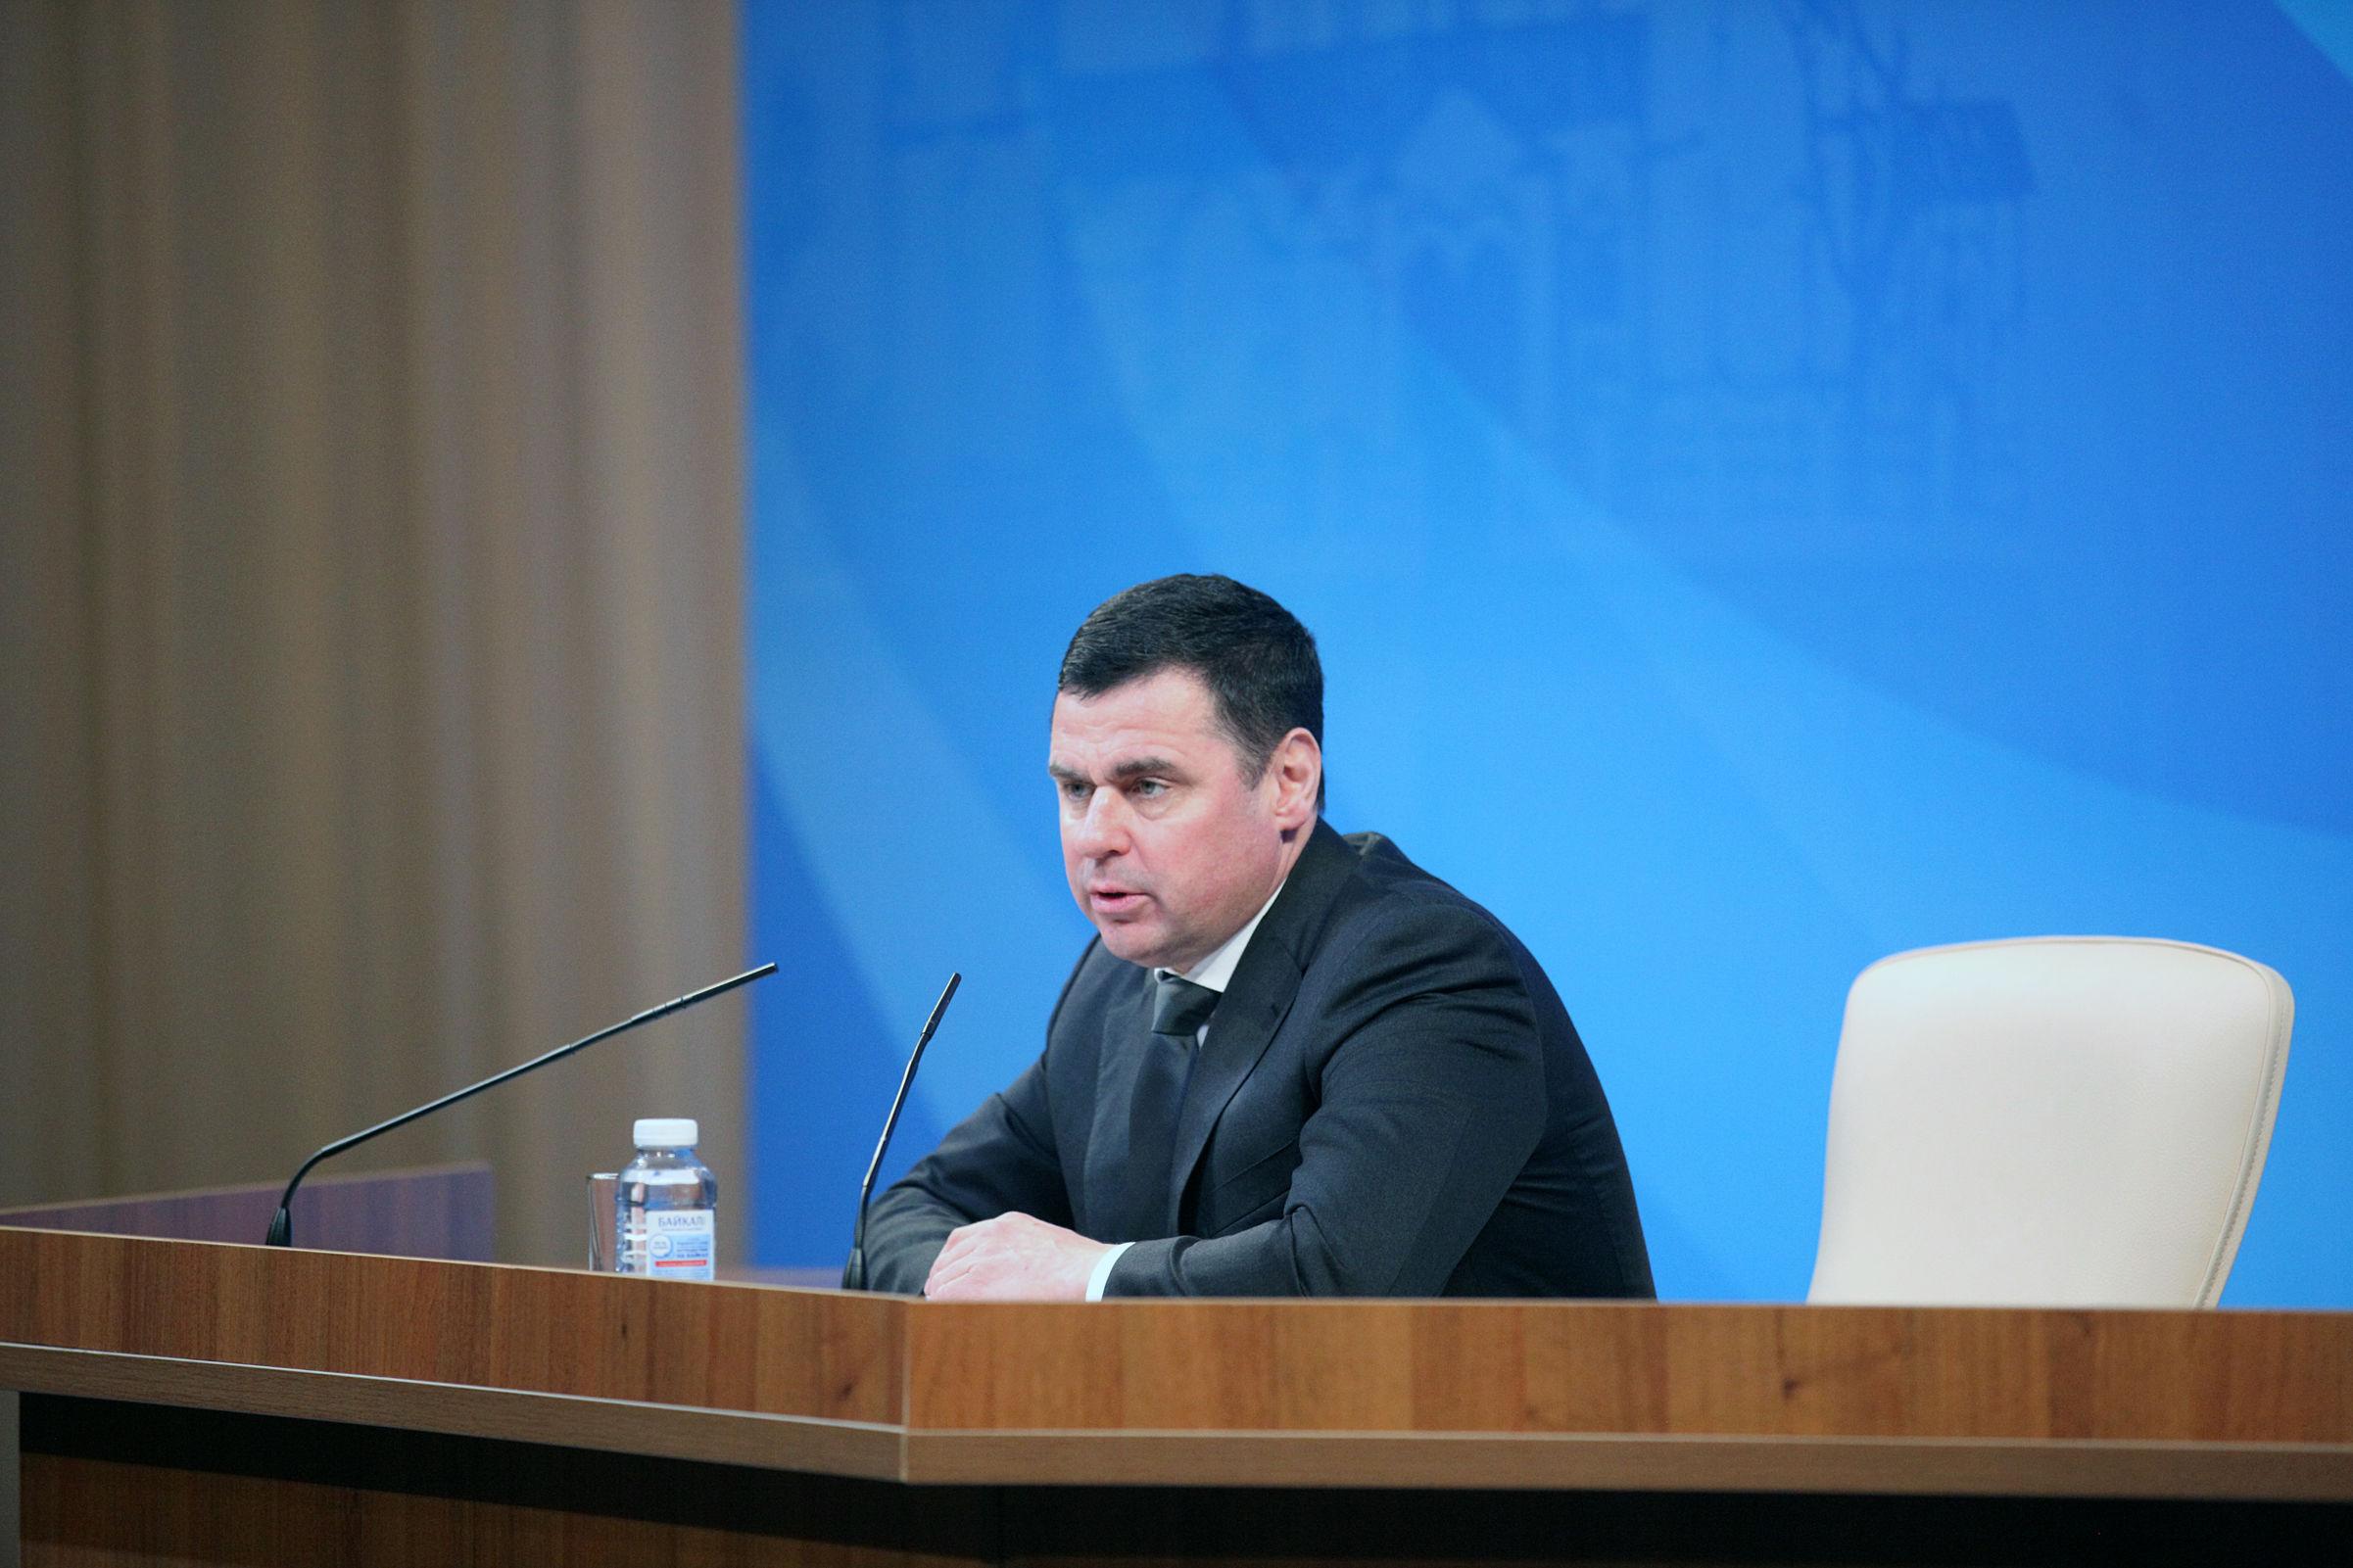 Дмитрий Миронов: в этом году на реализацию нацпроектов в регионе предусмотрено порядка 12 миллиардов